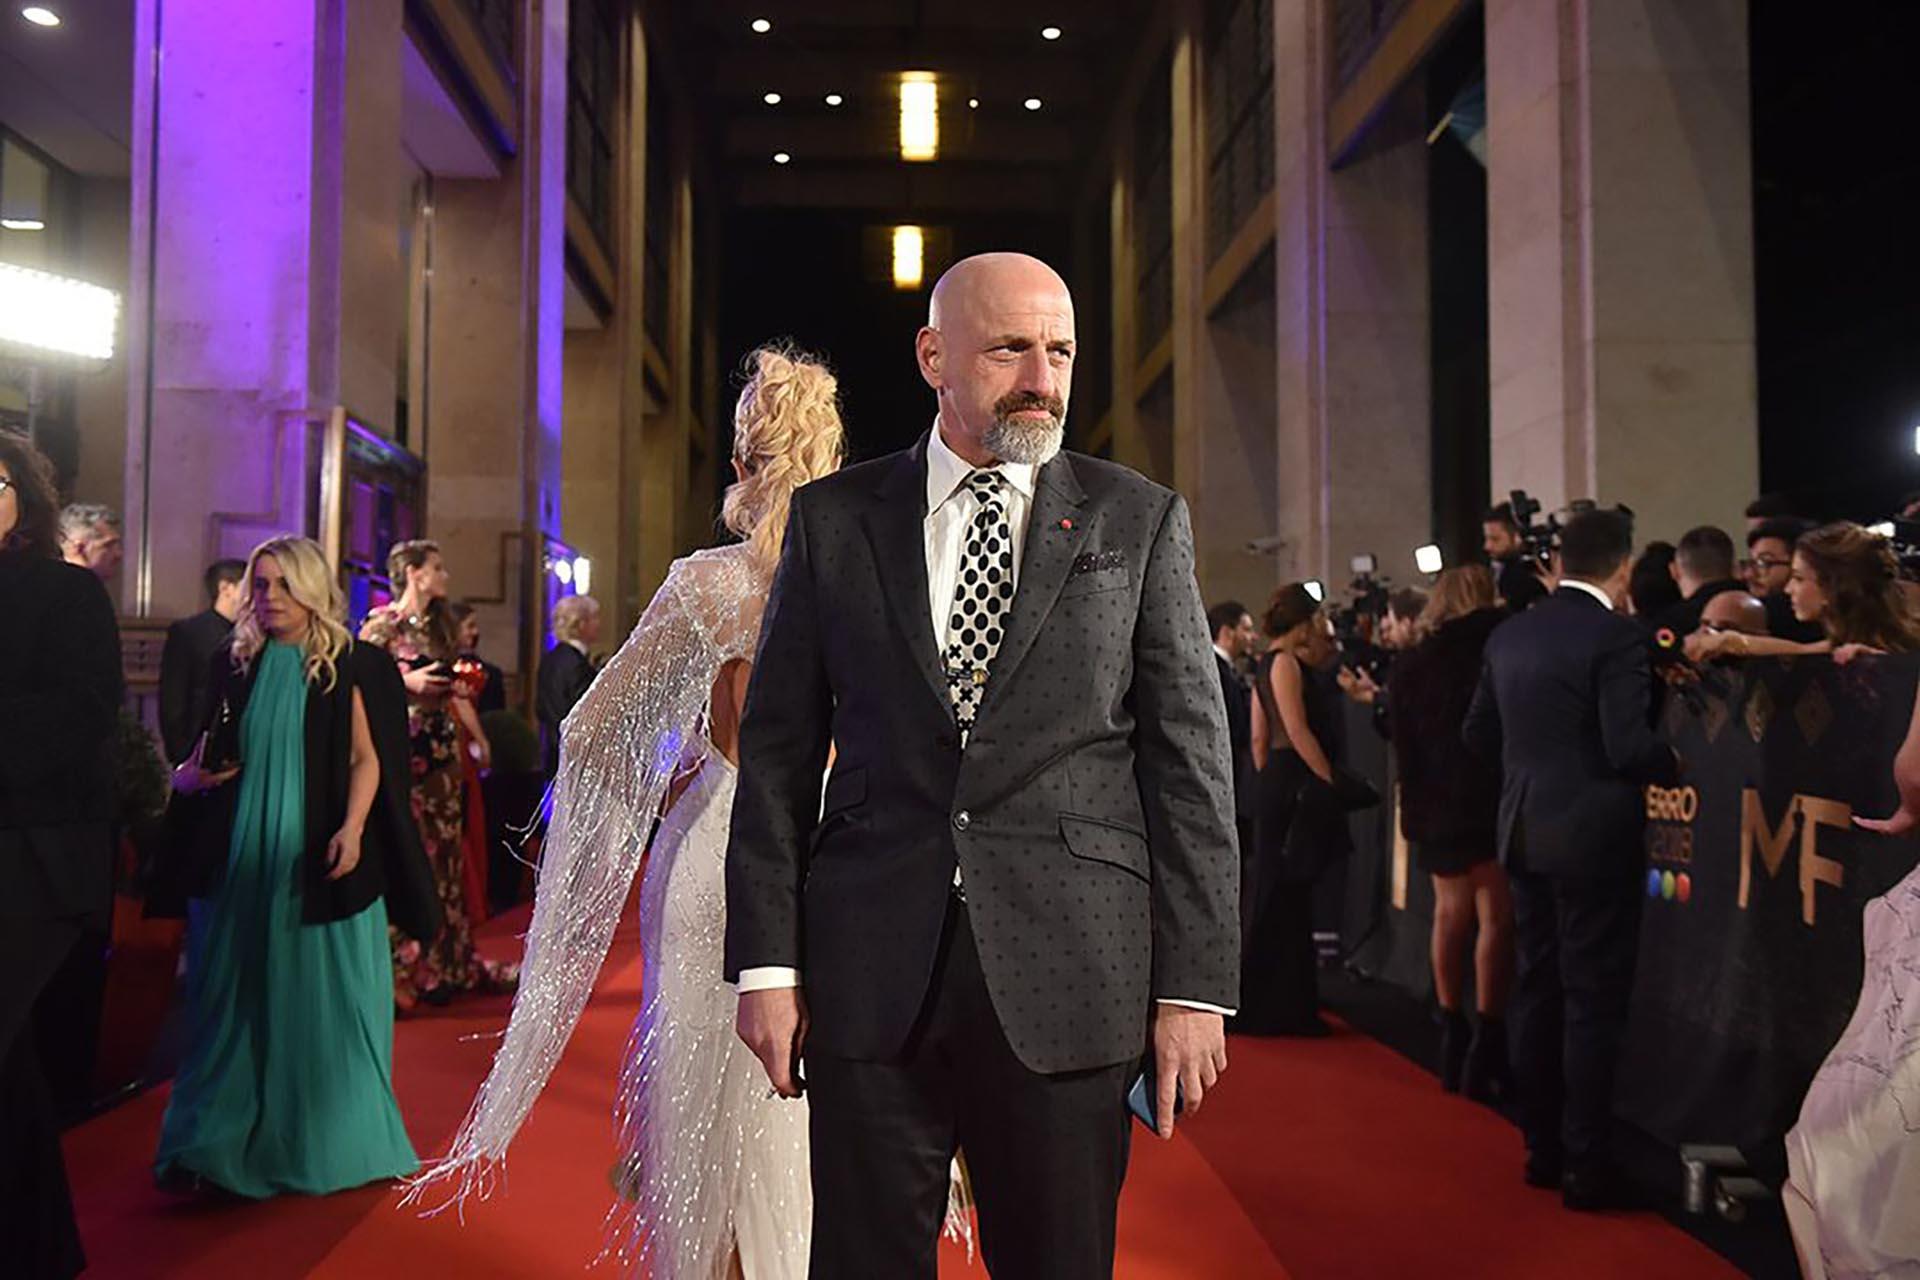 Gustavo Sofovich transita la alfombra roja con un traje a lunares: a más de uno le hizo recordar a aquel que utilizara Lionel Messi en una entrega de Balón de Oro